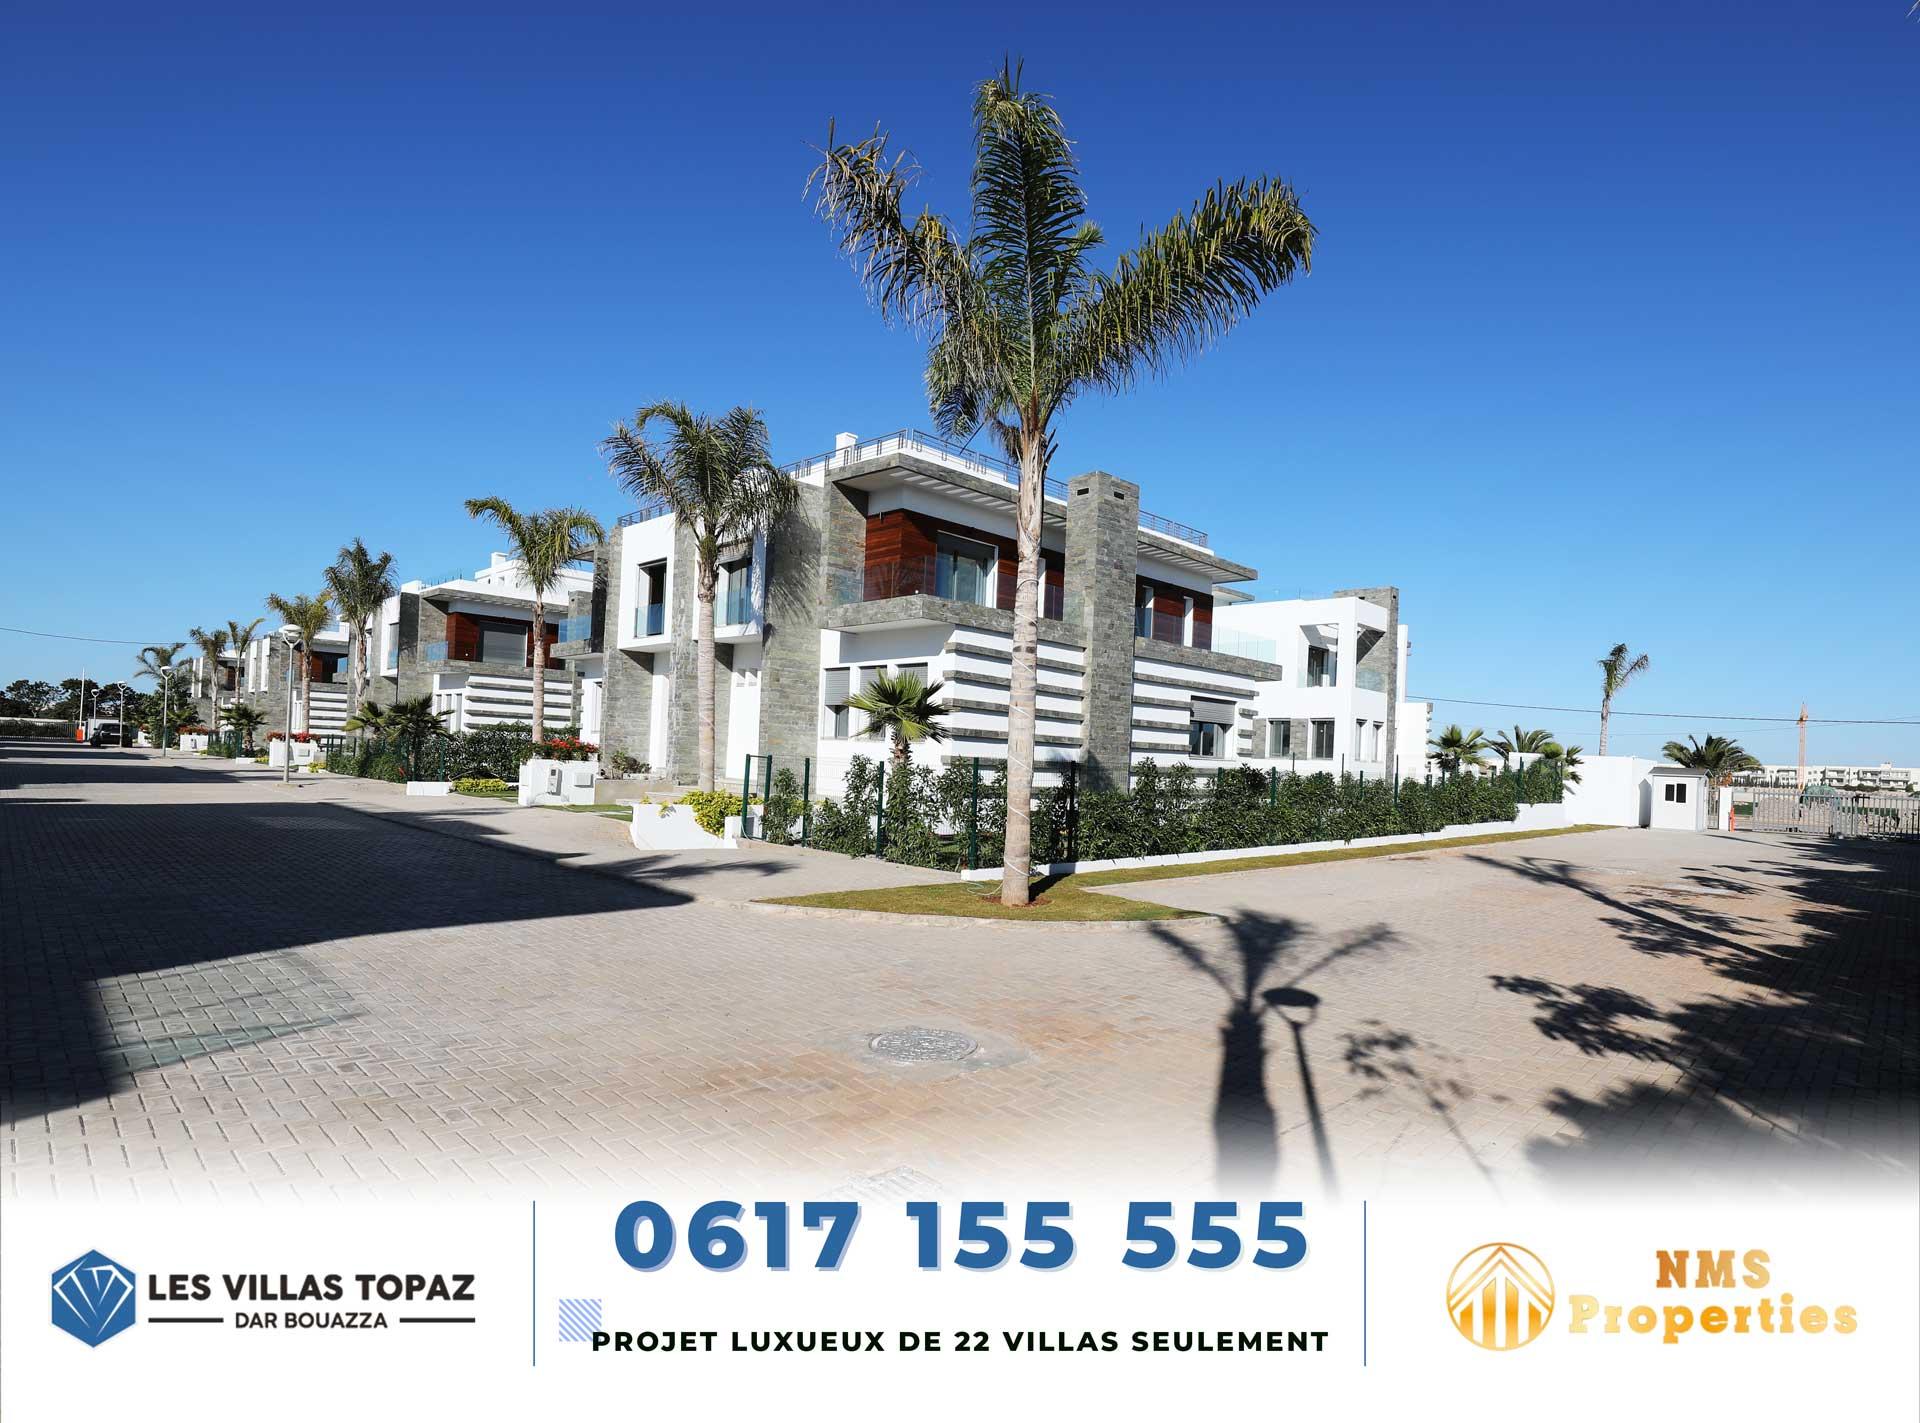 iCom-Agence-de-Communication-au-Maroc-Casablanca-creation-audiovisuelle-et-production-video-nms-villas-topaz2020-05-24 at 3.49.58 PM 10